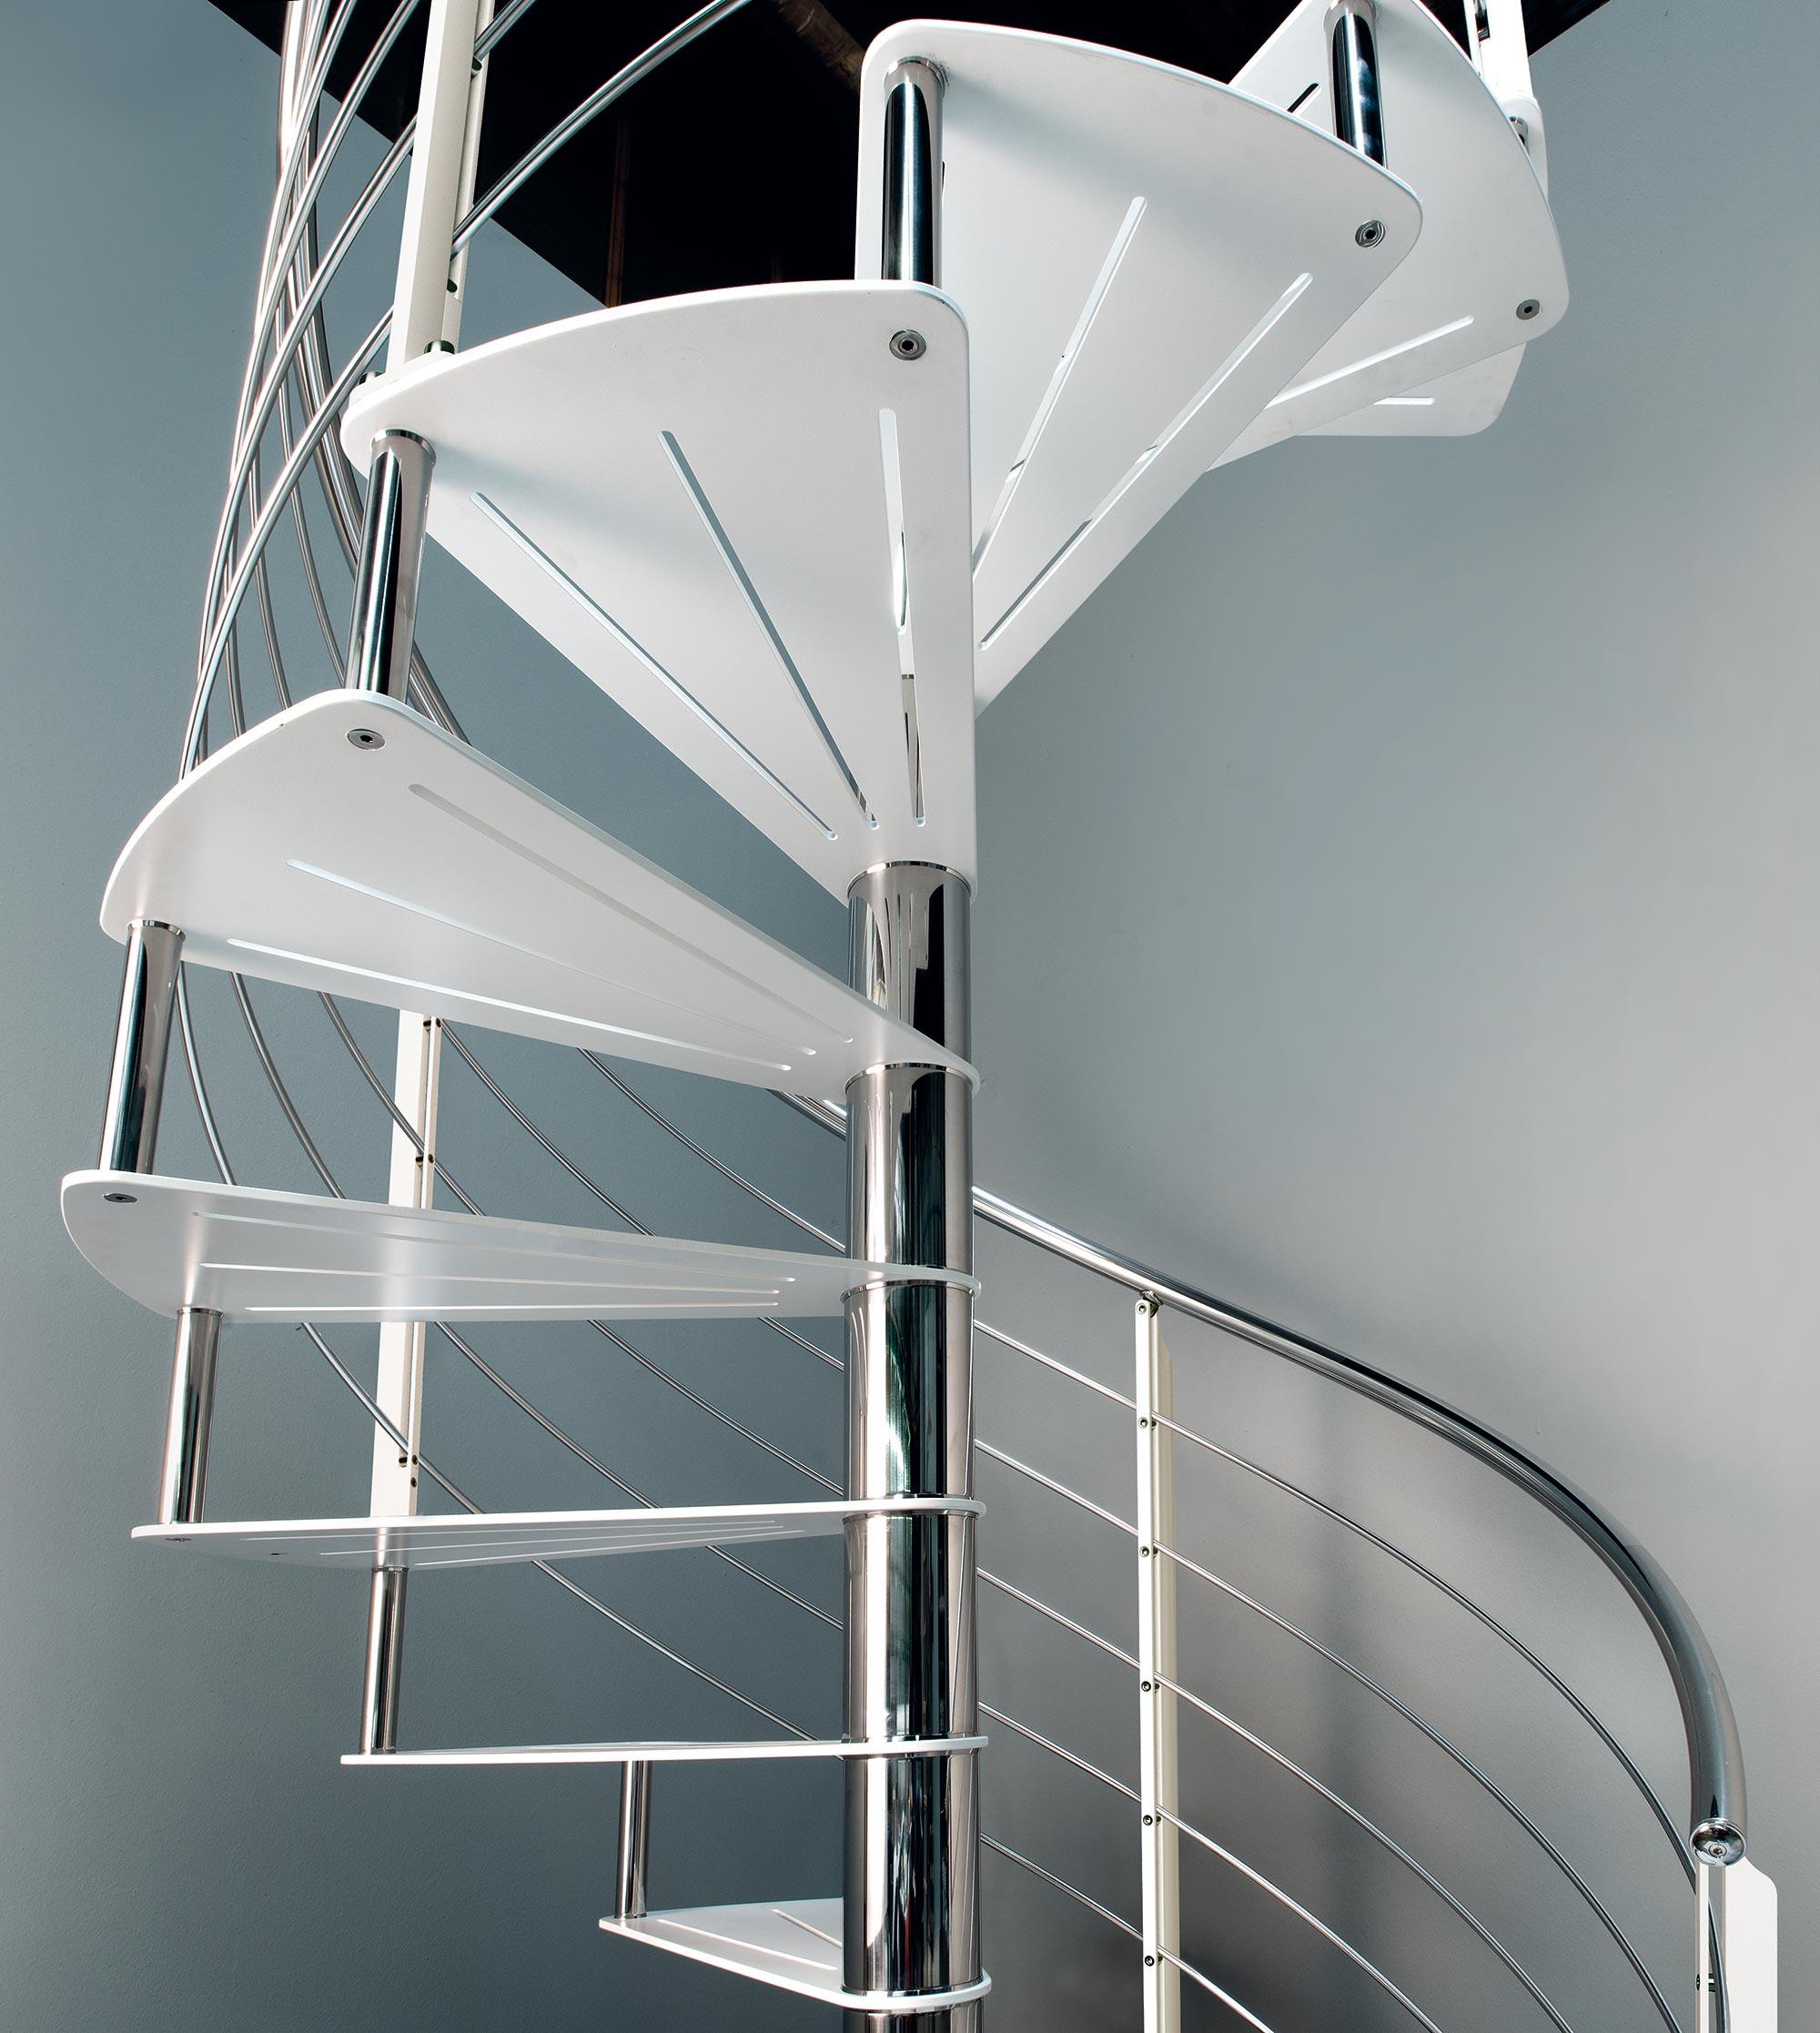 scala chiocciola con palo centrale e ringhiera in acciaio inox